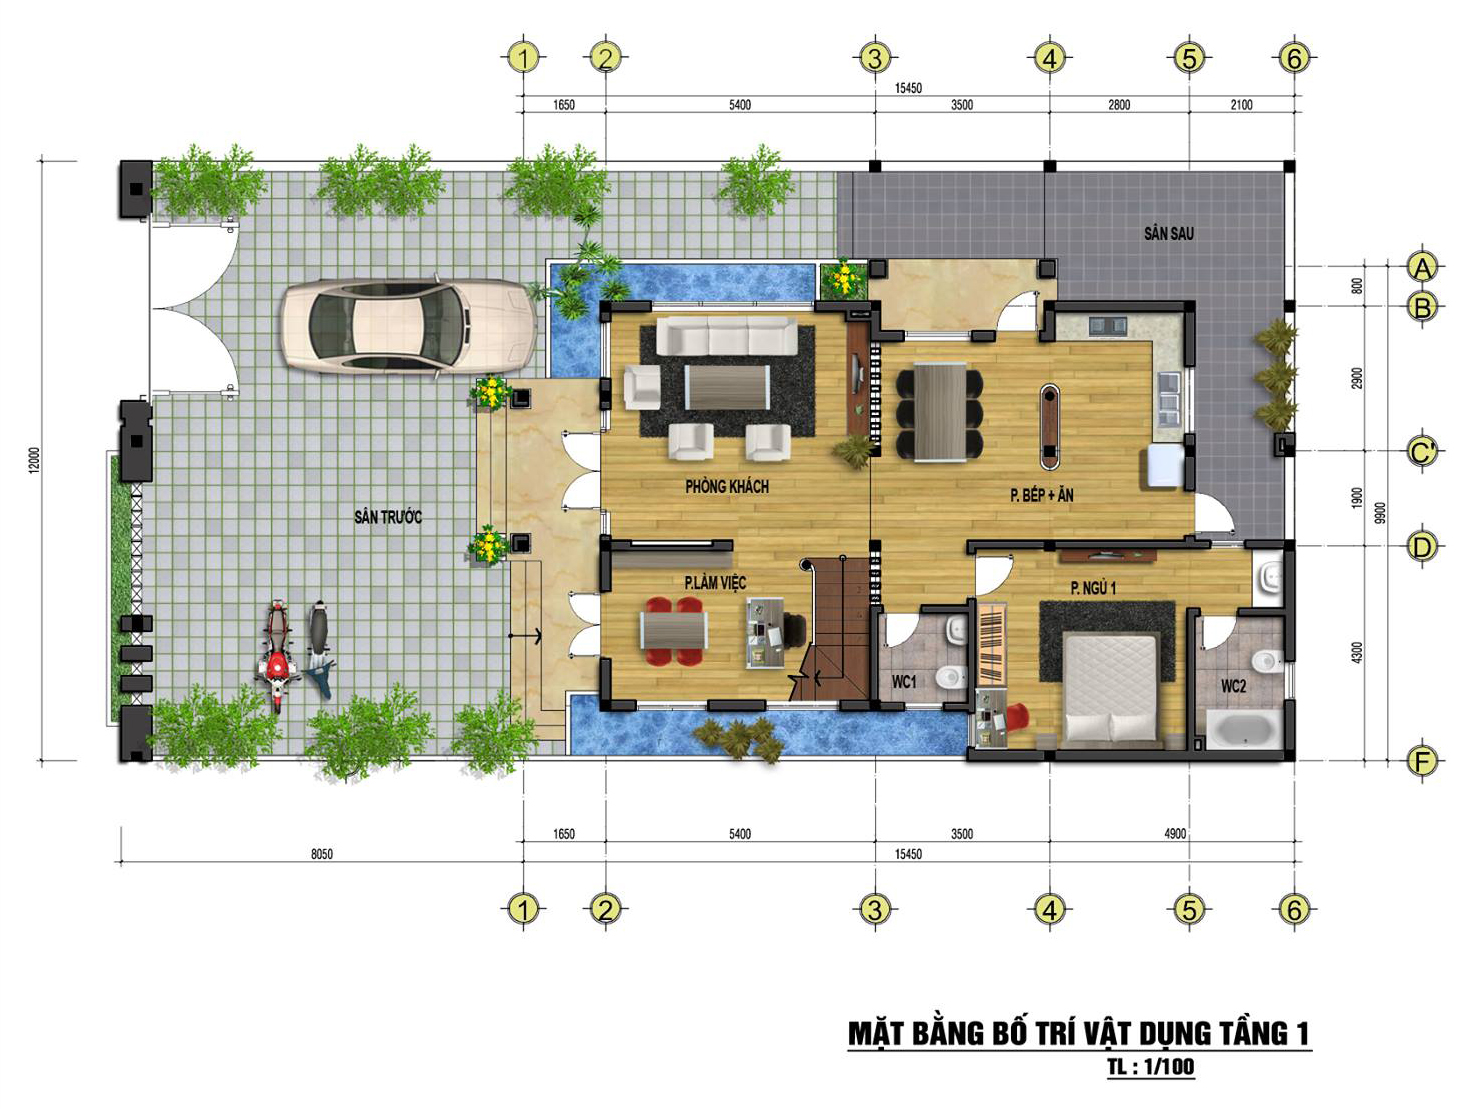 Mặt bằng tầng 1 mẫu nhà phố đẹp 3 tầng